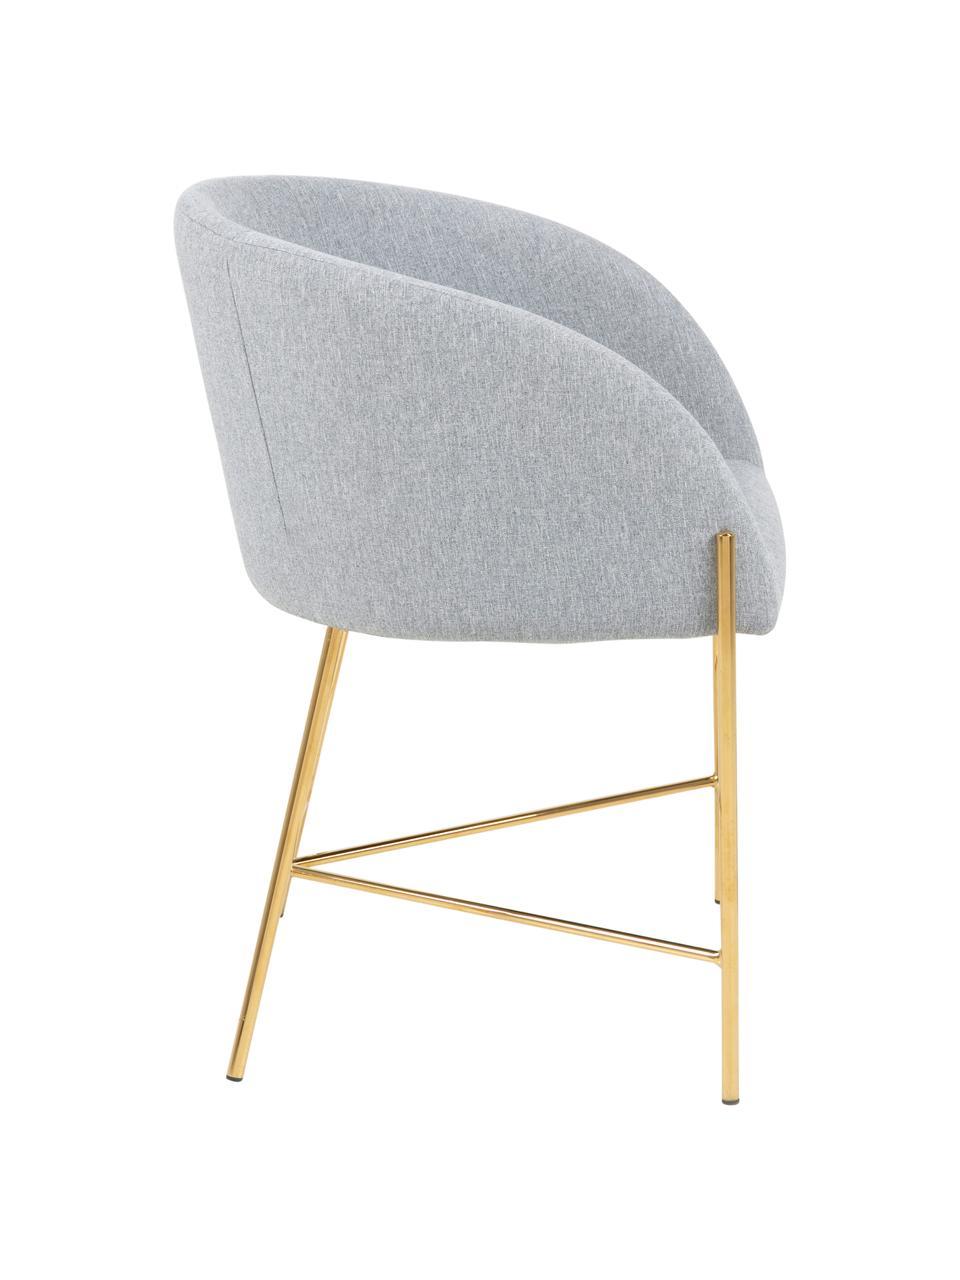 Čalouněná židle spodručkami Nelson, Světle šedá Nohy: zlatá